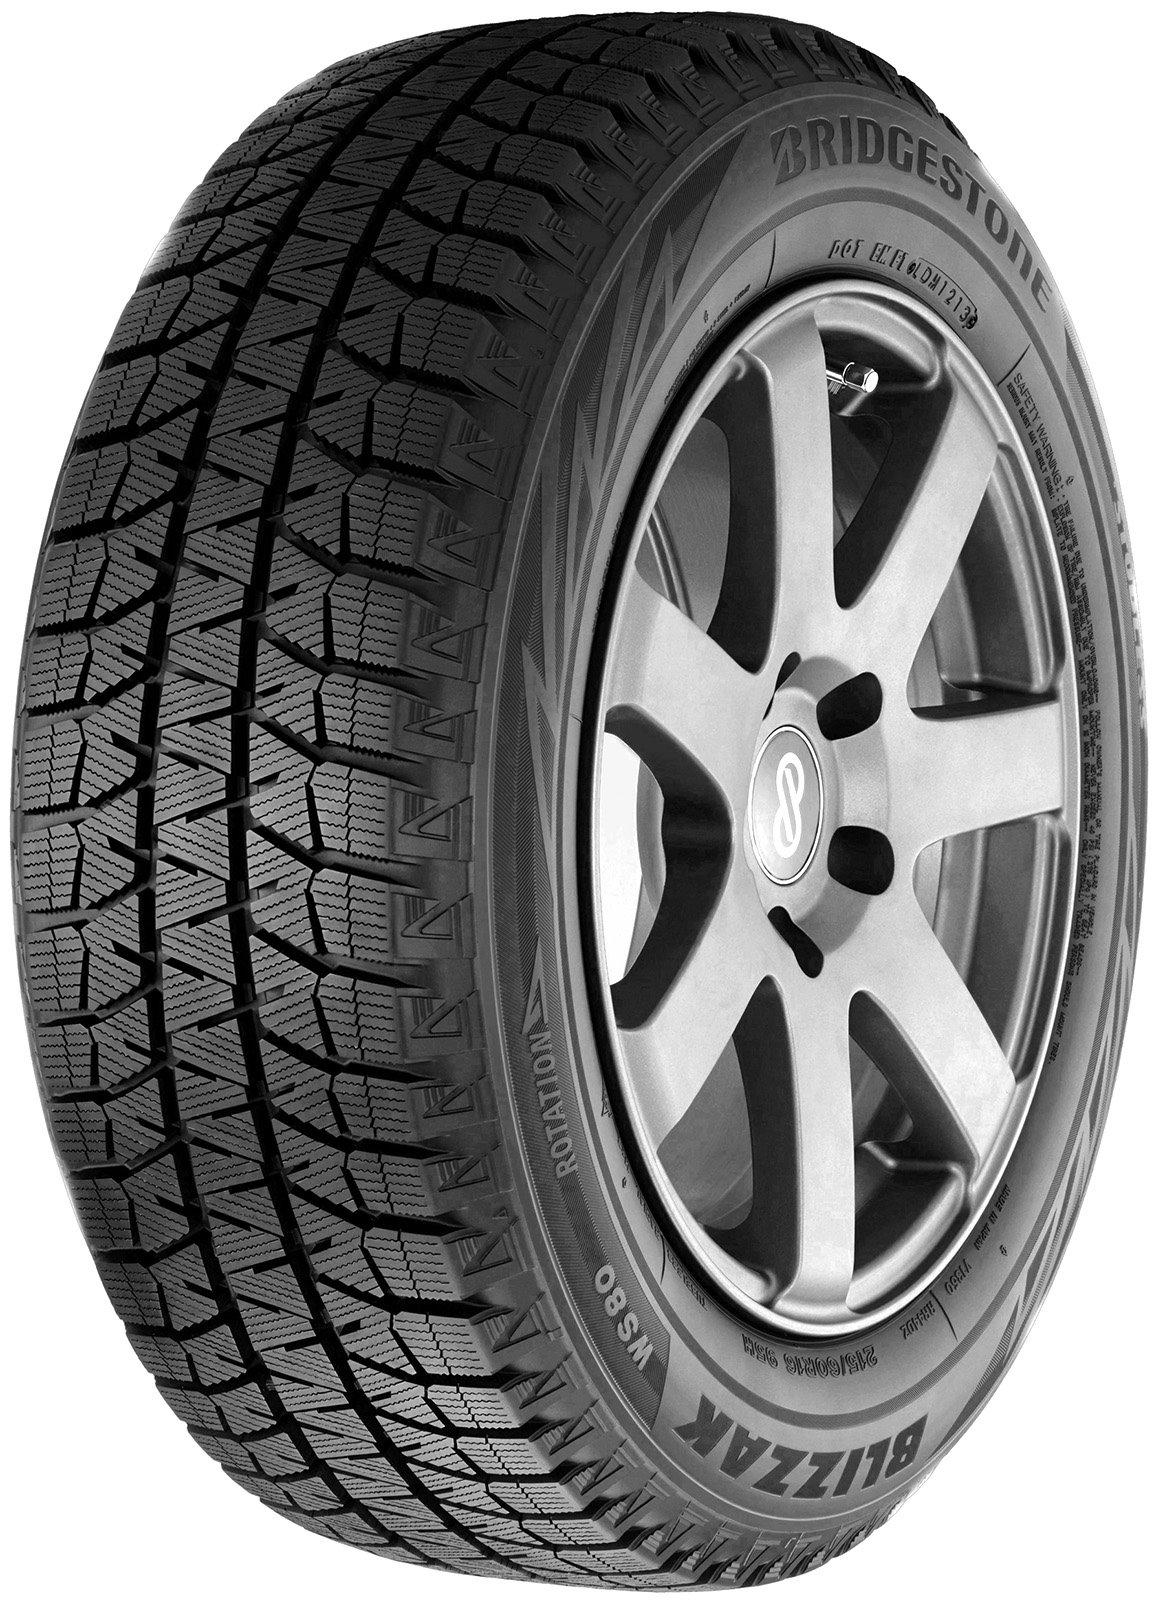 Bridgestone Blizzak Ws80 22560 R17 99 H Voidapl